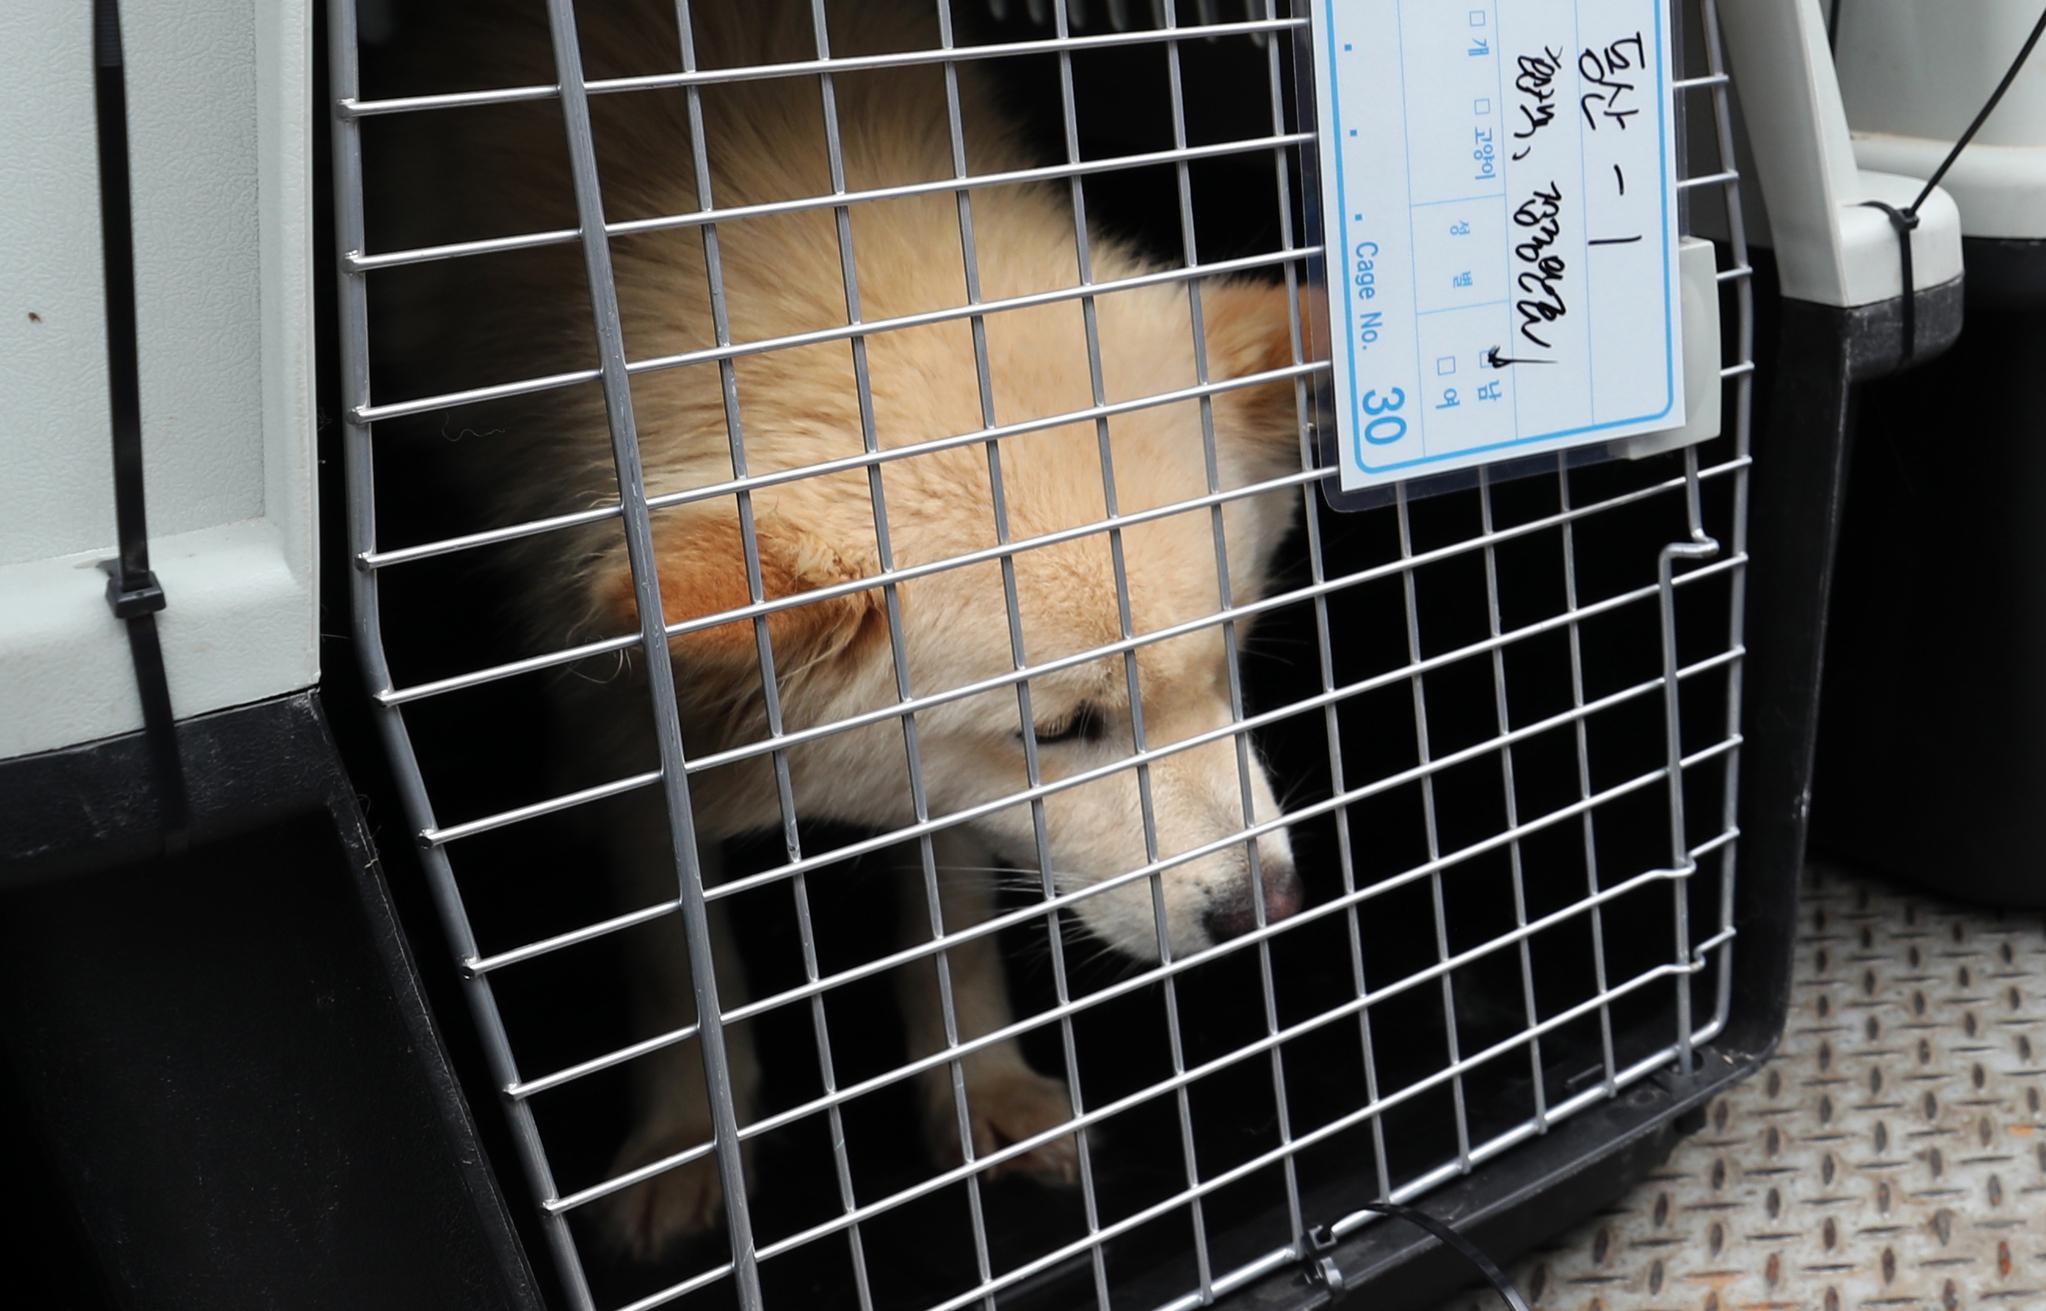 1일 오후 부산 북구 구포시장 내 가축시장(개시장)에서 동물보호단체들에 의해 구조된 반려동물. 구조되었지만 두려운 듯 고개를 들지못하고 있다. [연합뉴스]